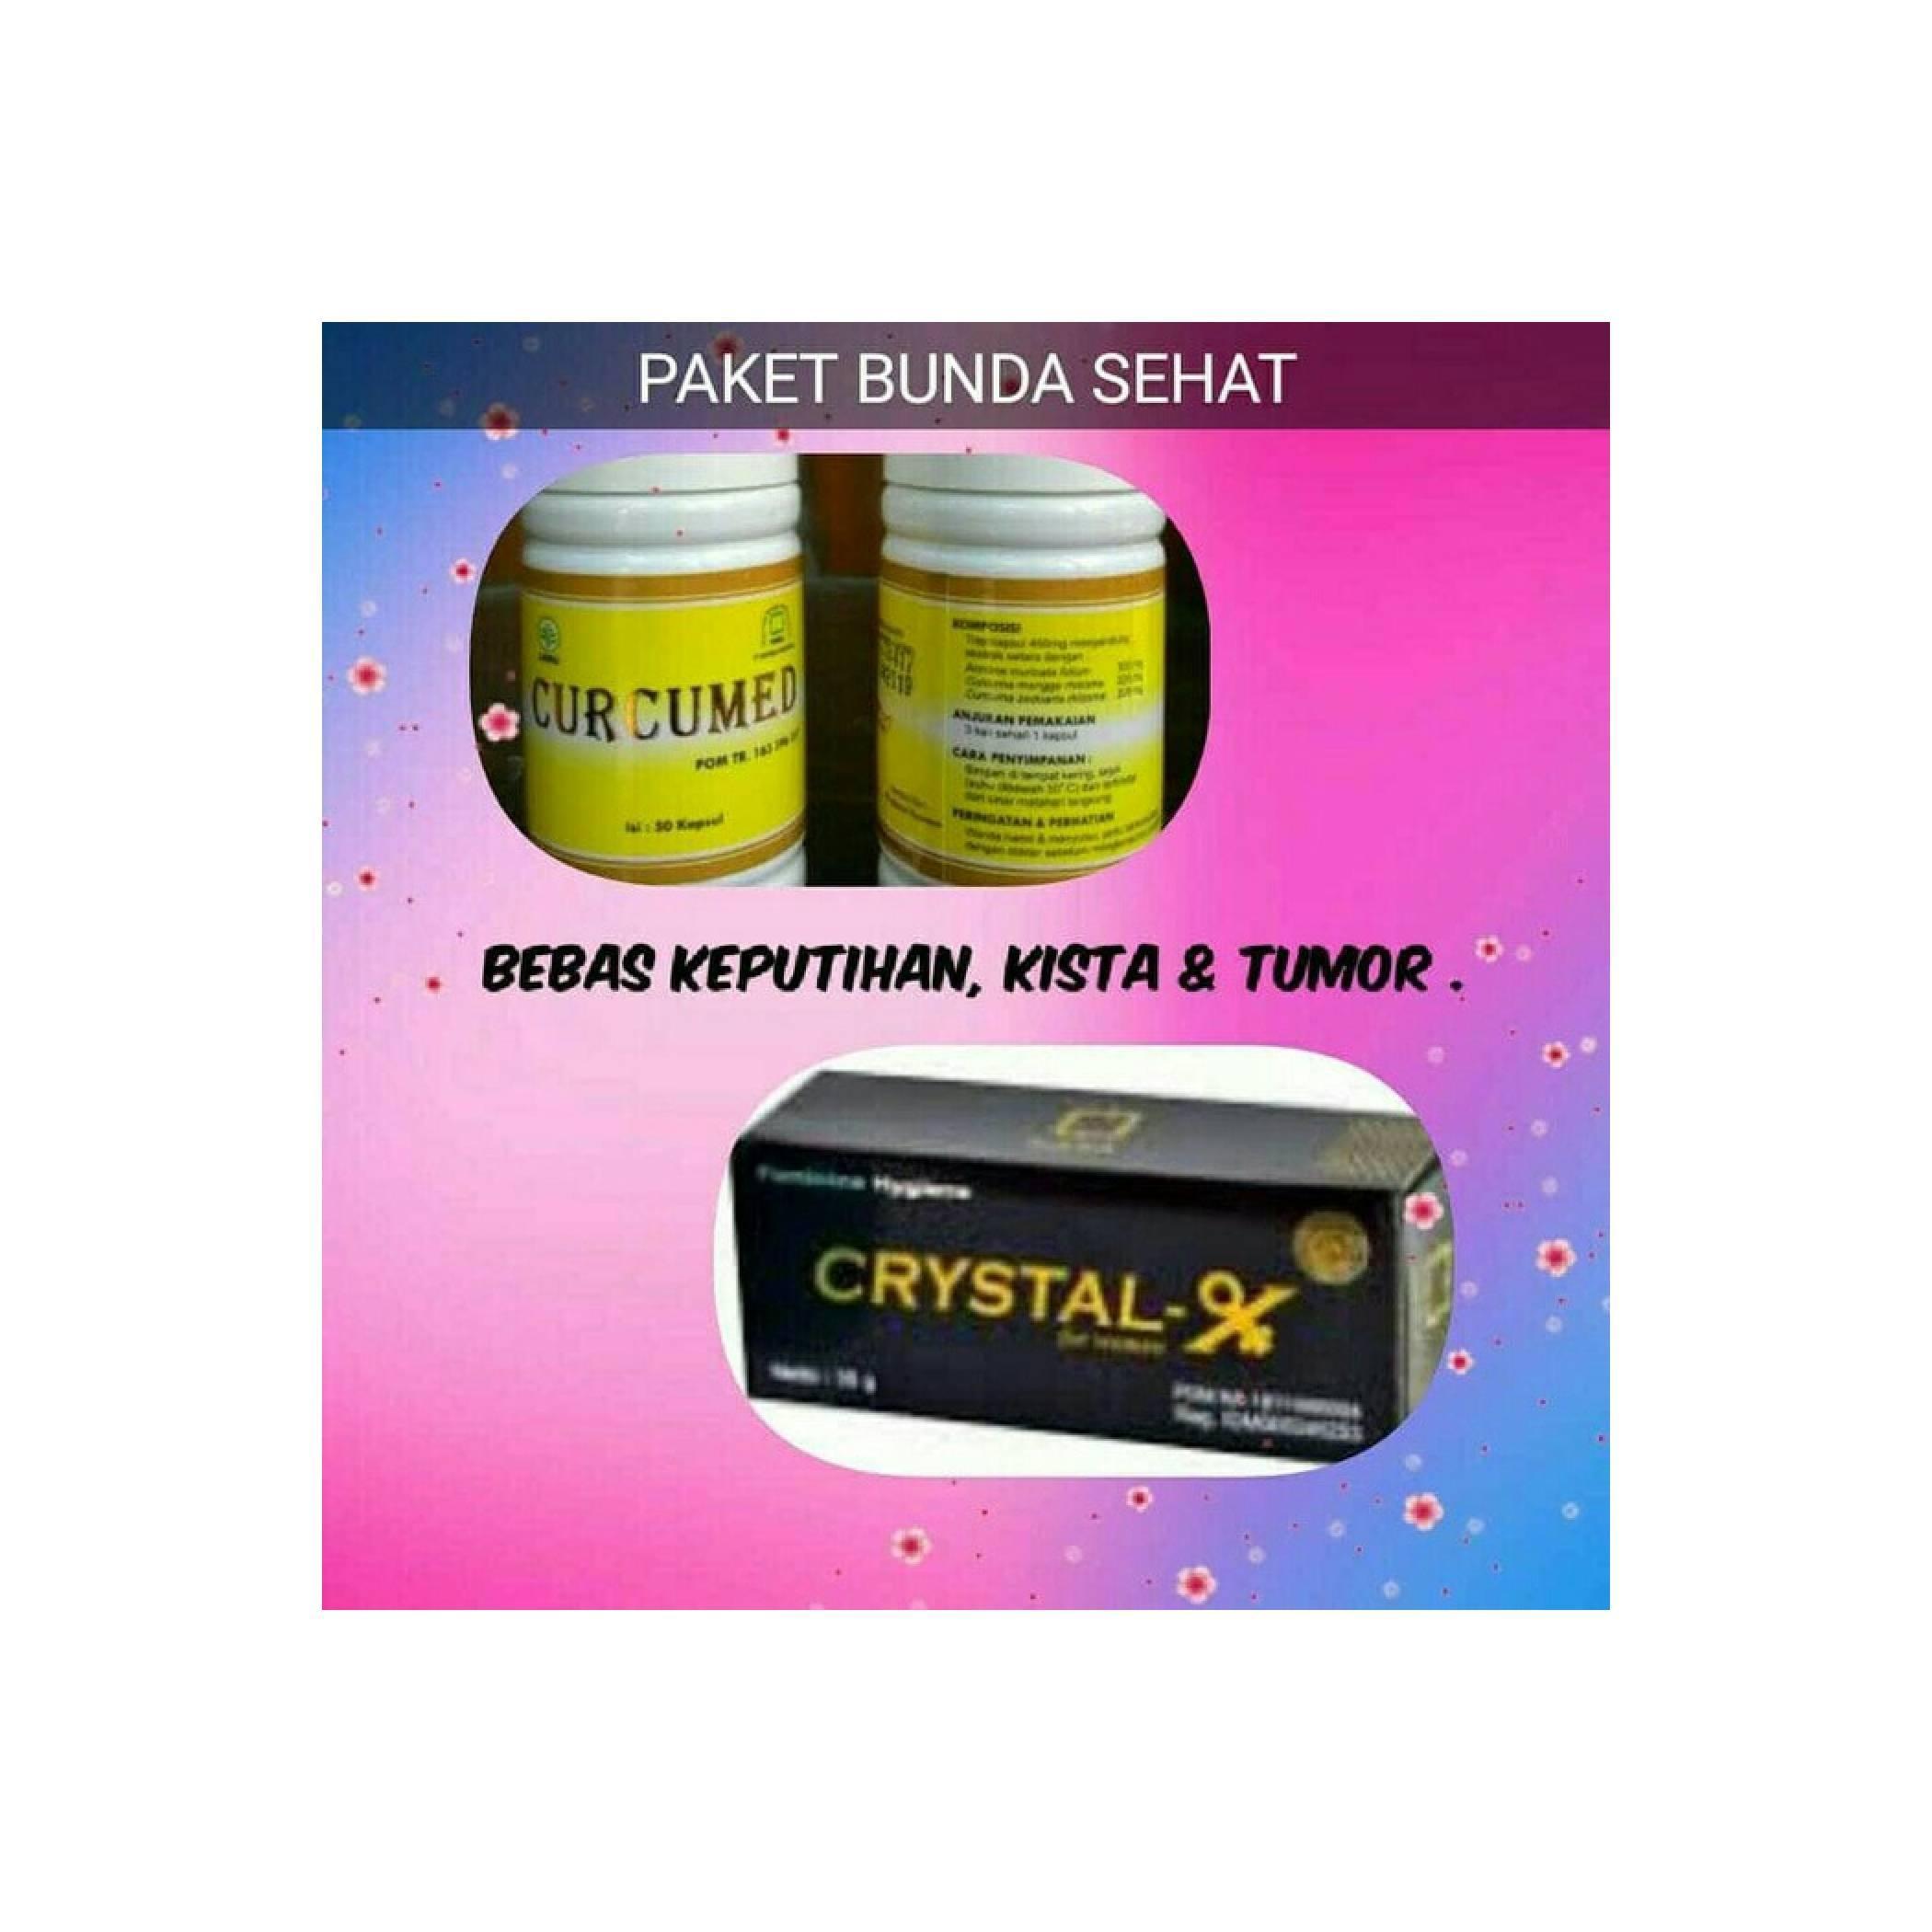 Paket Kista (Crystalx+Curcumed) Original/ Agen Nasa Jakarta 1